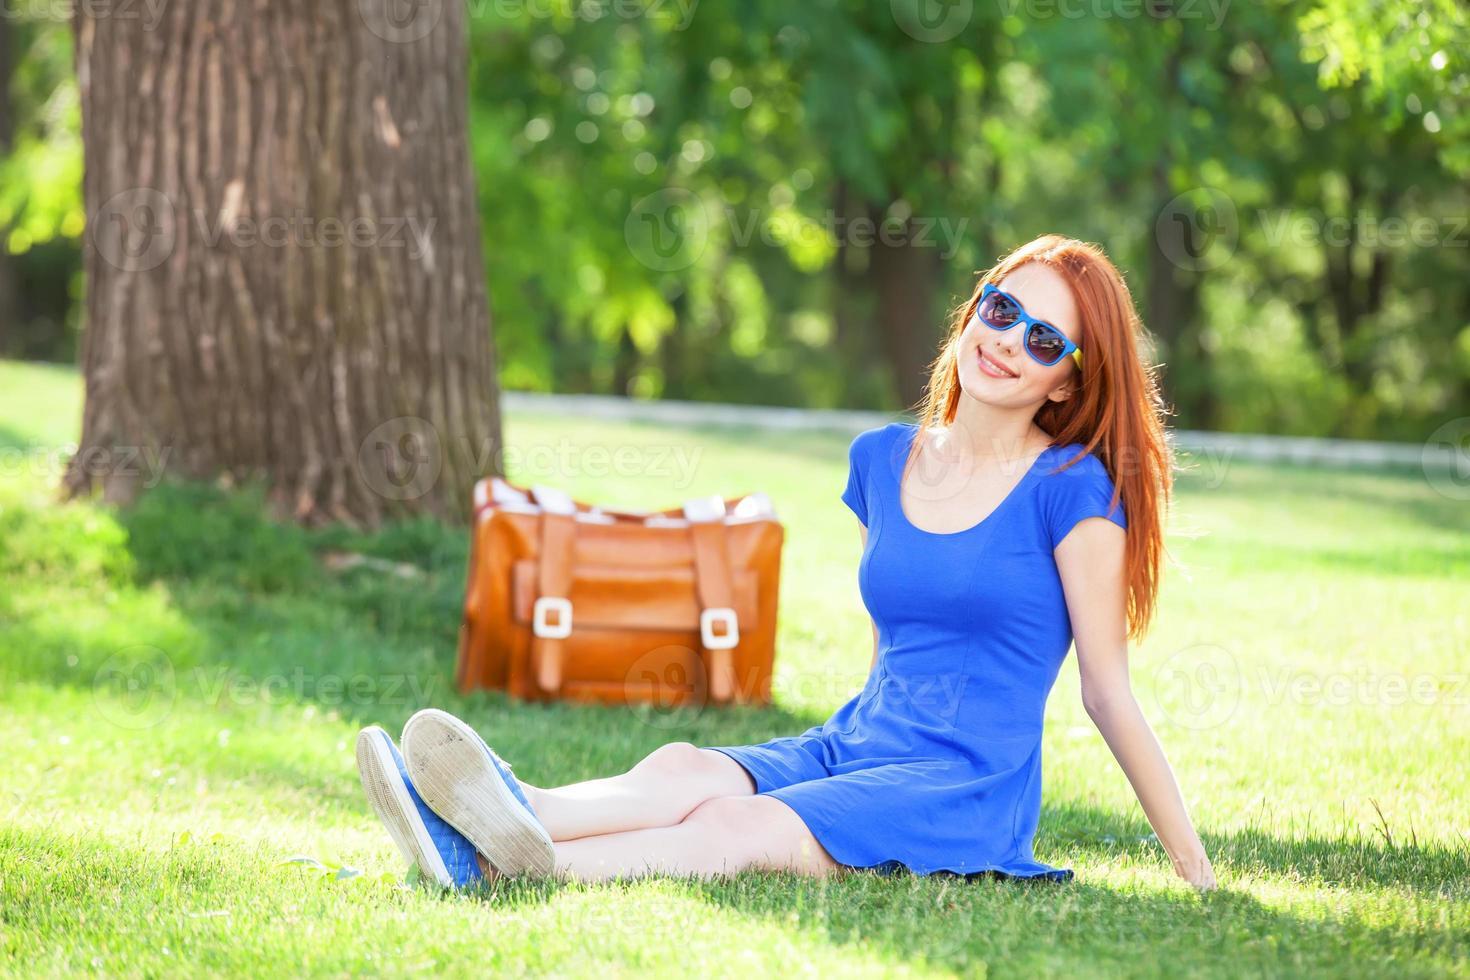 ragazza rossa con la valigia nel parco. foto